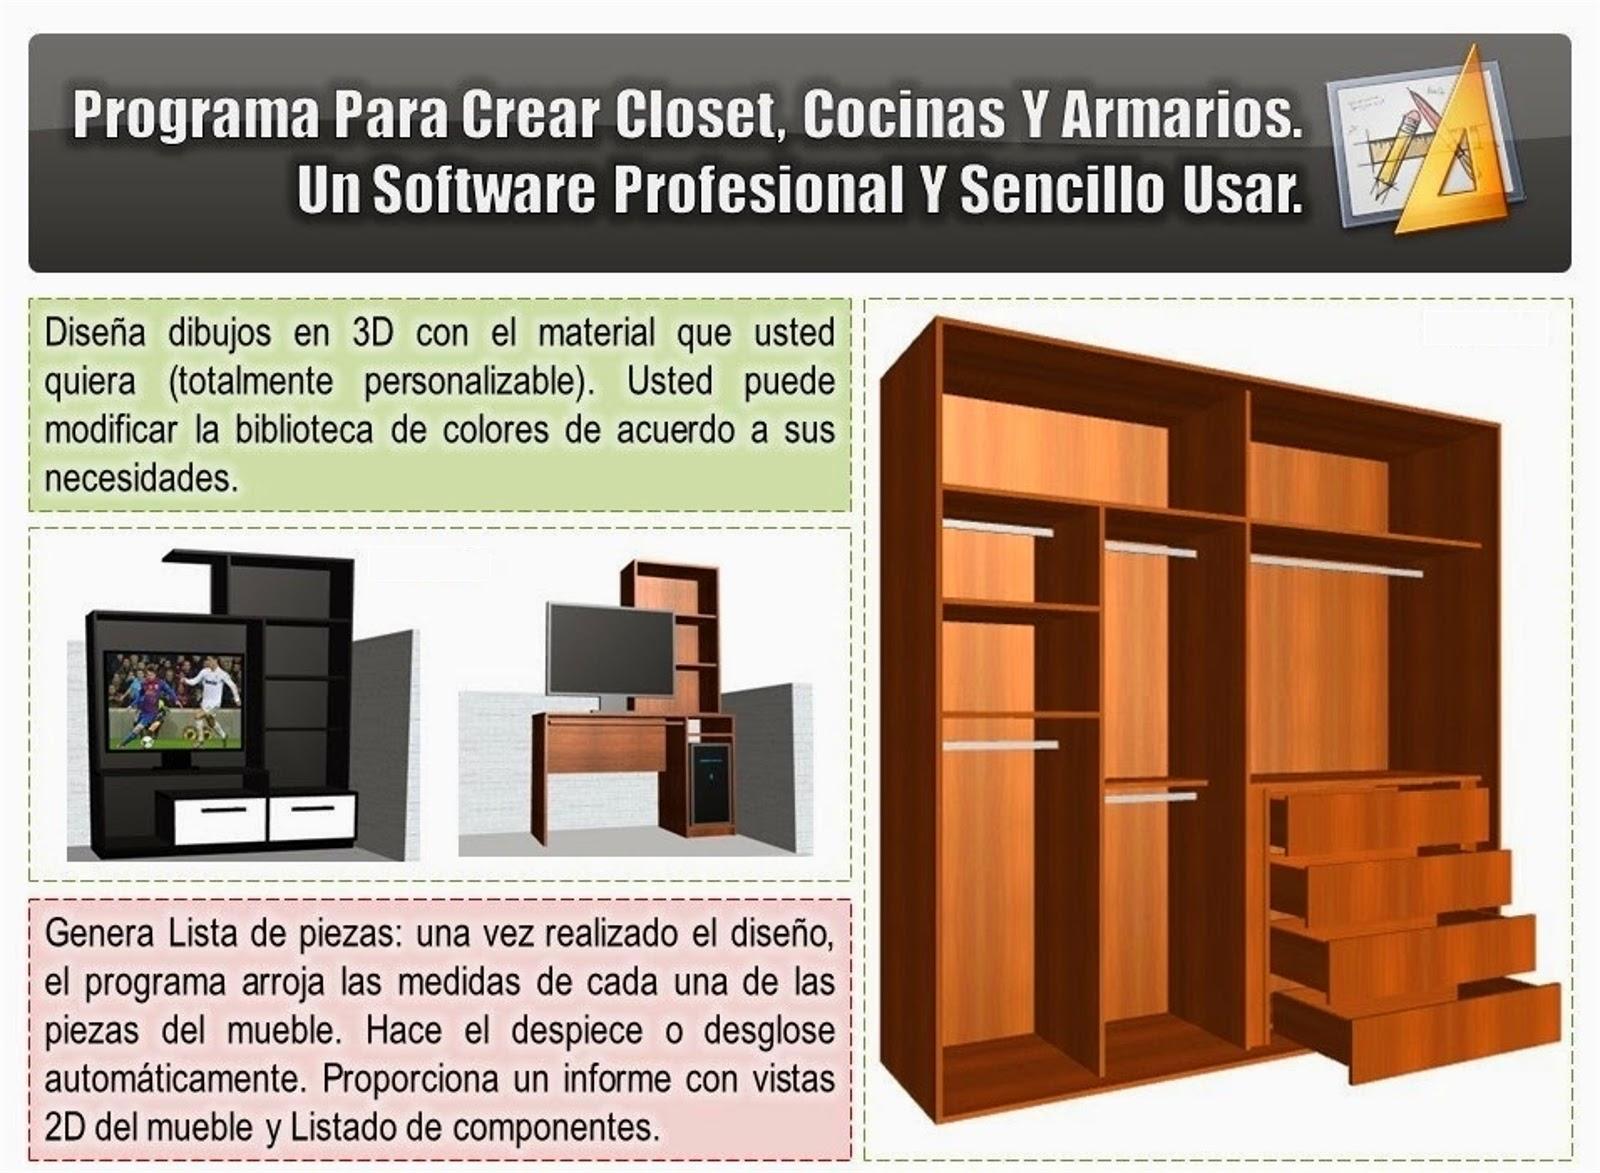 Programas para el dise o y despiece de muebles closets y for Programa de diseno de cocinas y muebles